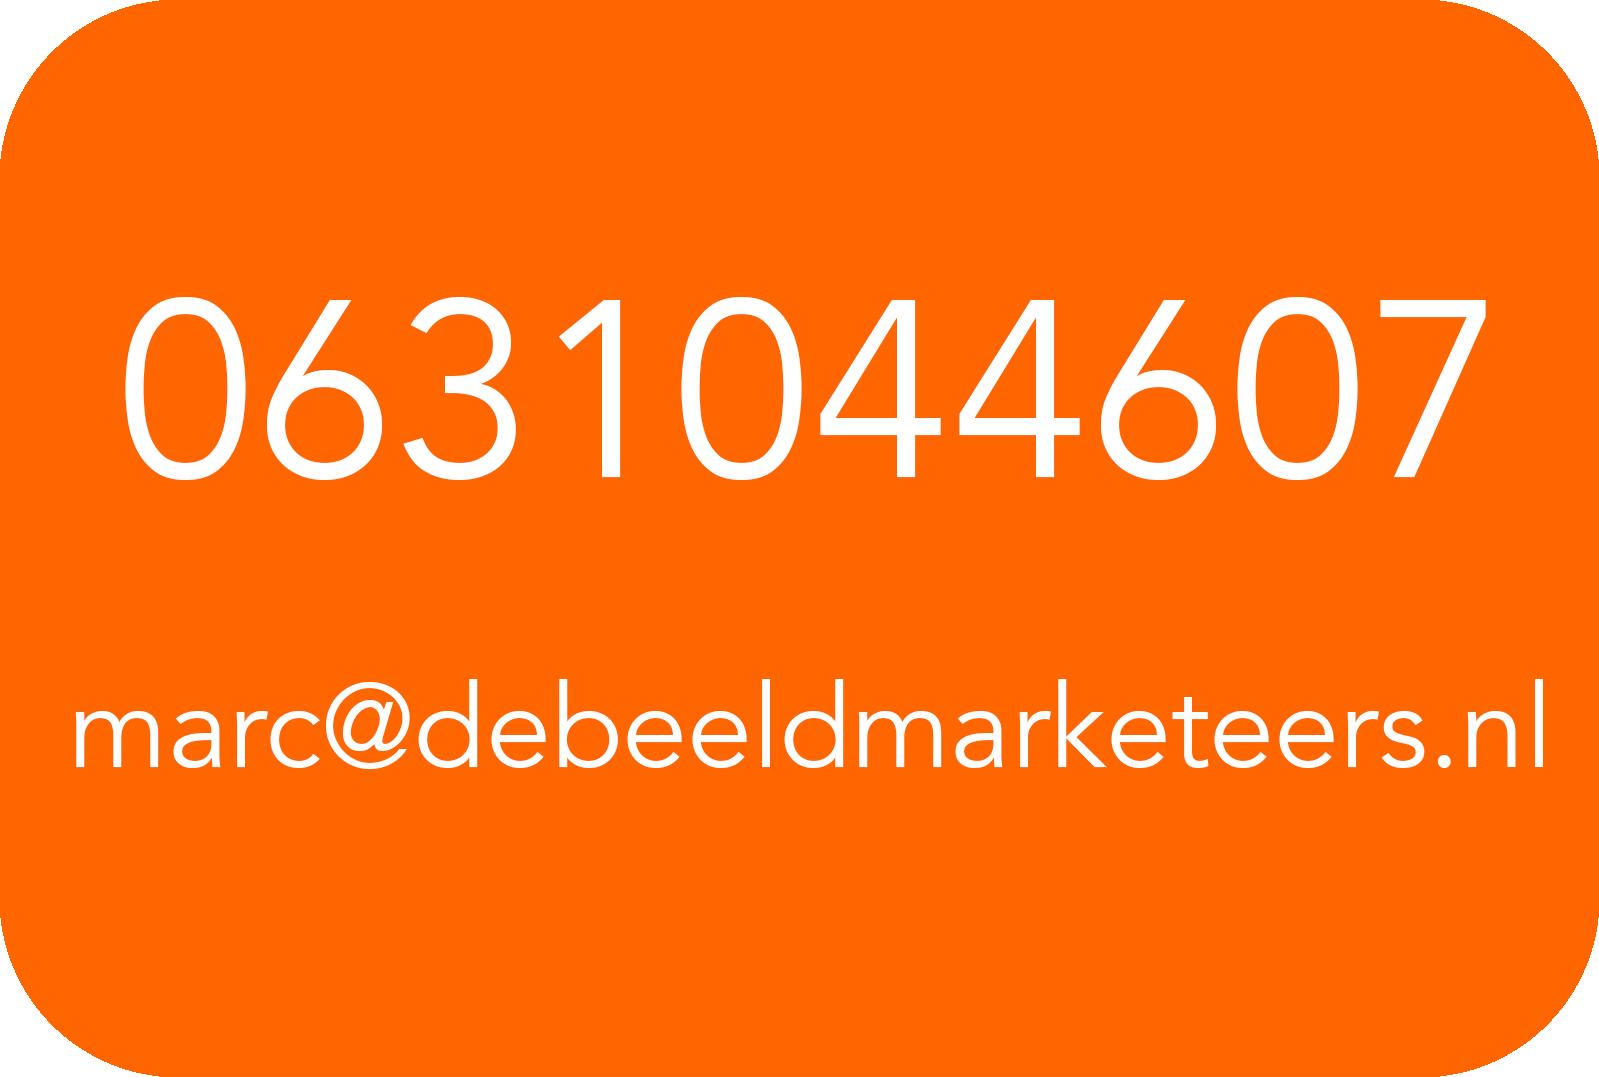 0631044607.jpg